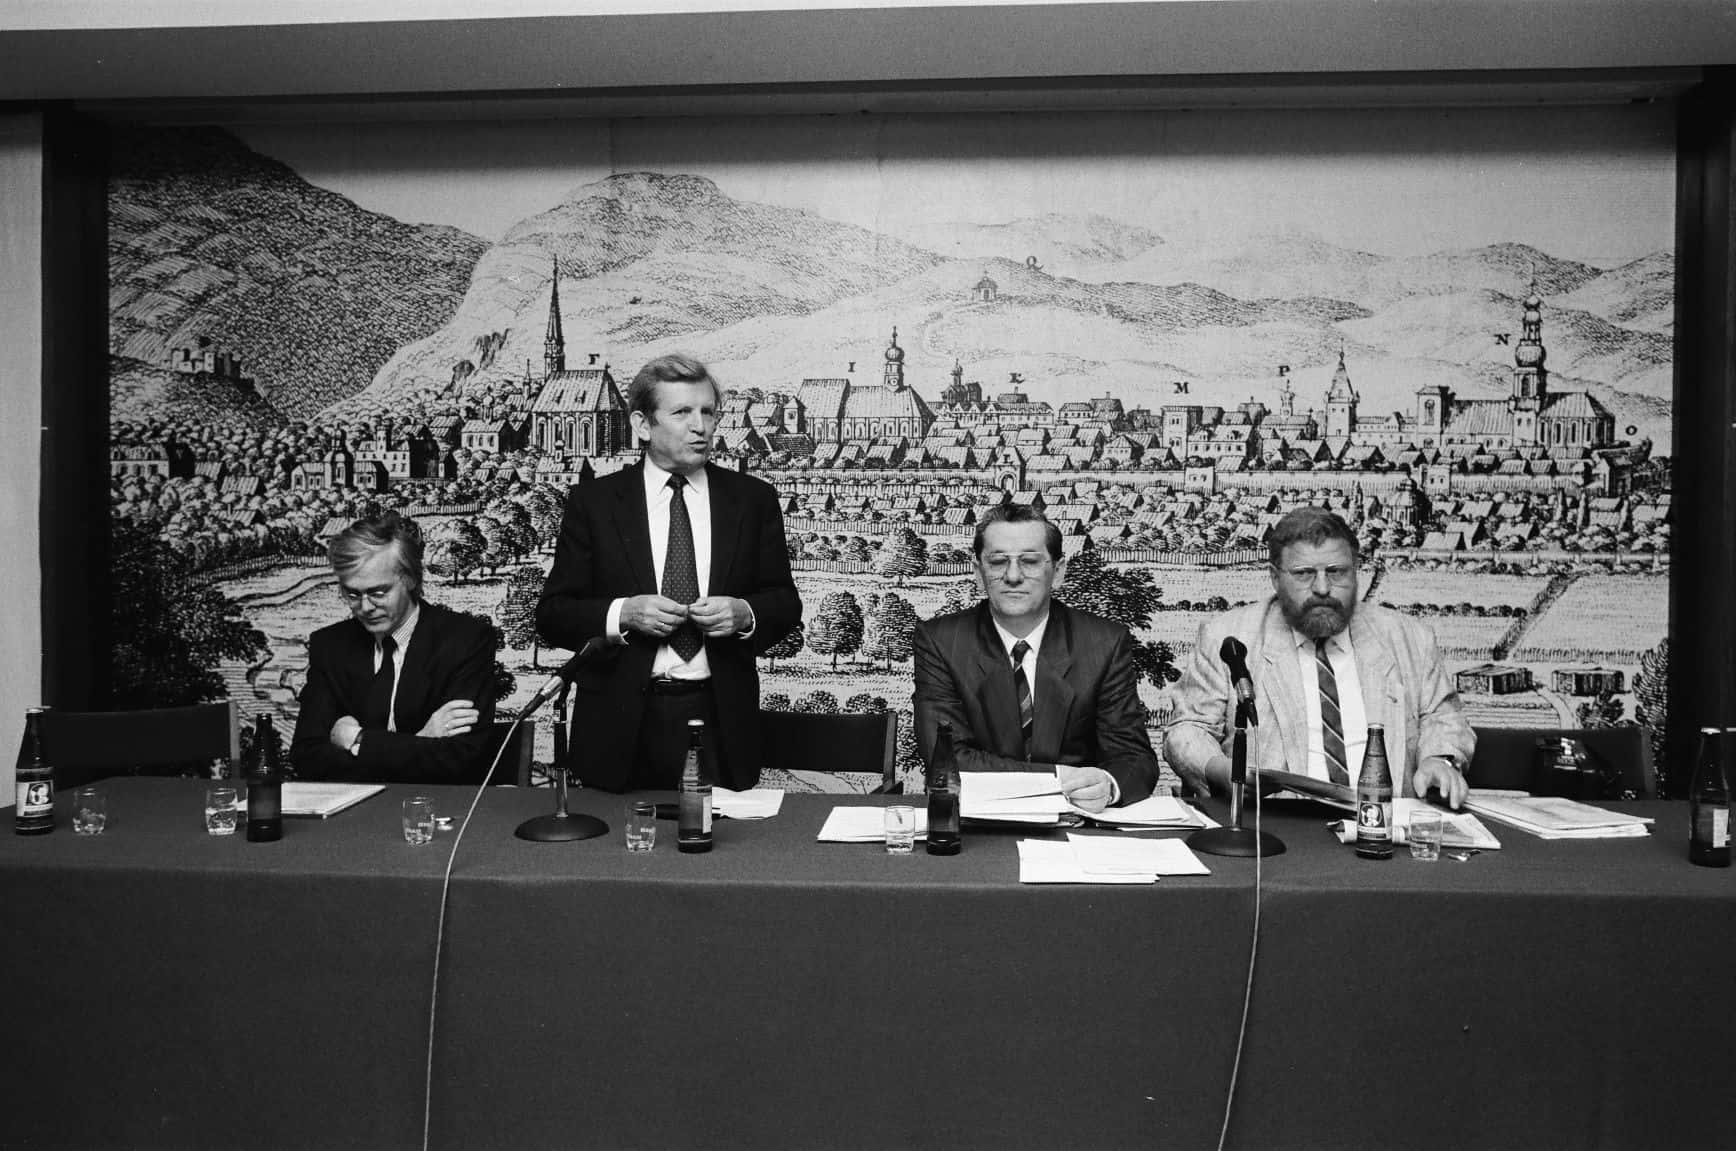 WEB Generalversammlung der ARGE Eigenheim in Baden am 25. April 1989 (Amt der NÖ Landesregierung)